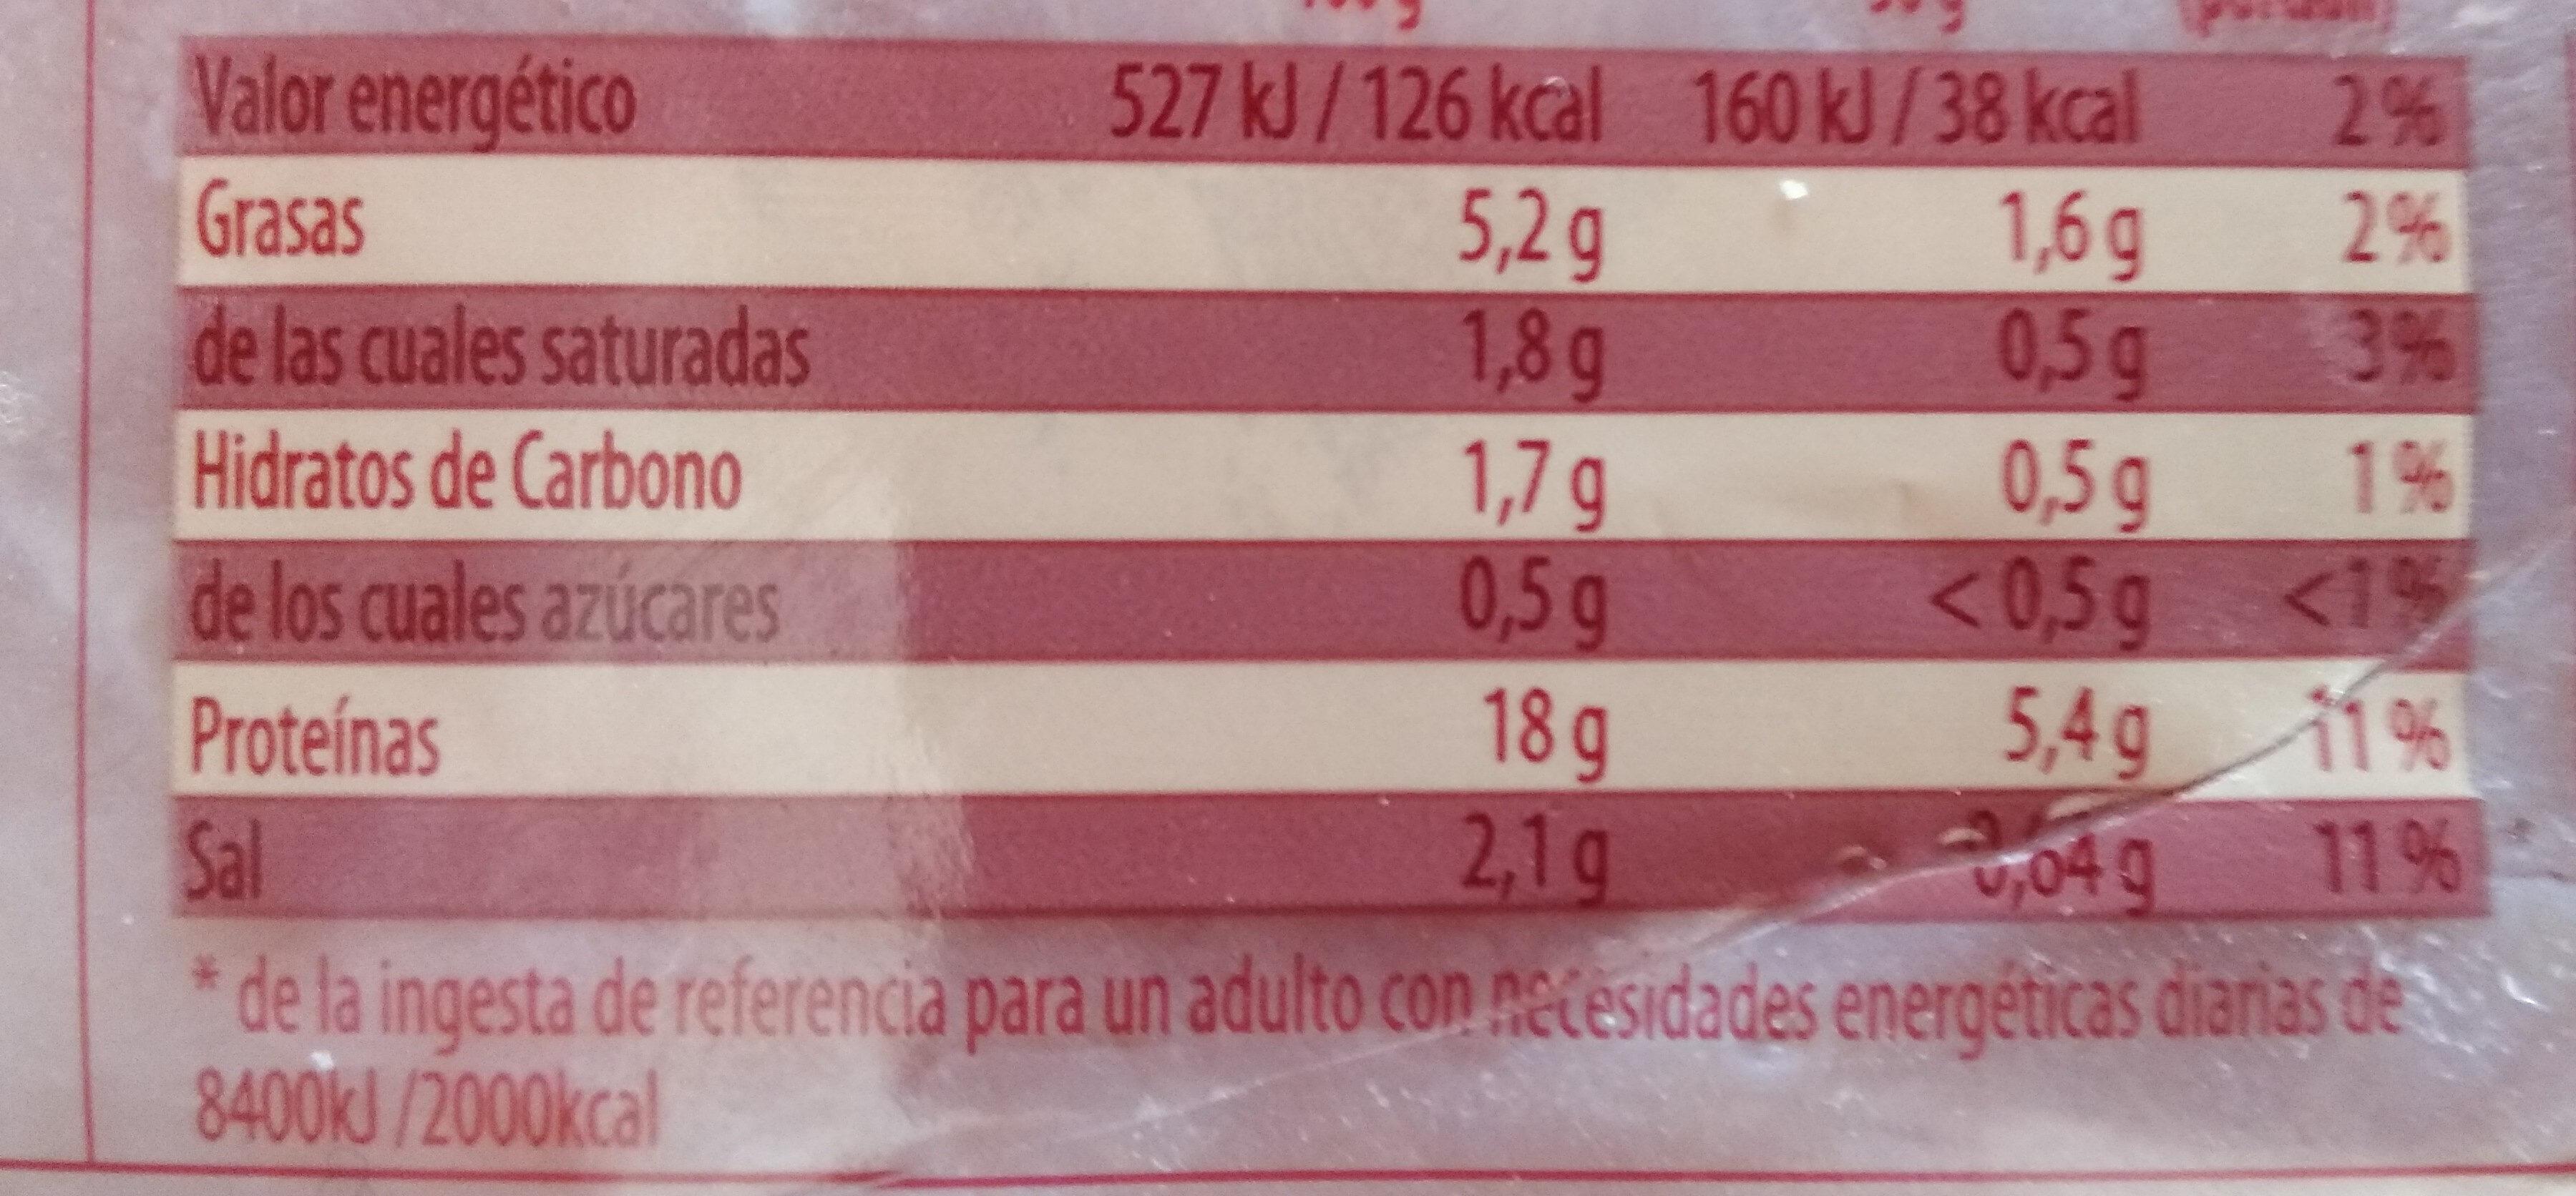 Jamón braseado - Informació nutricional - es